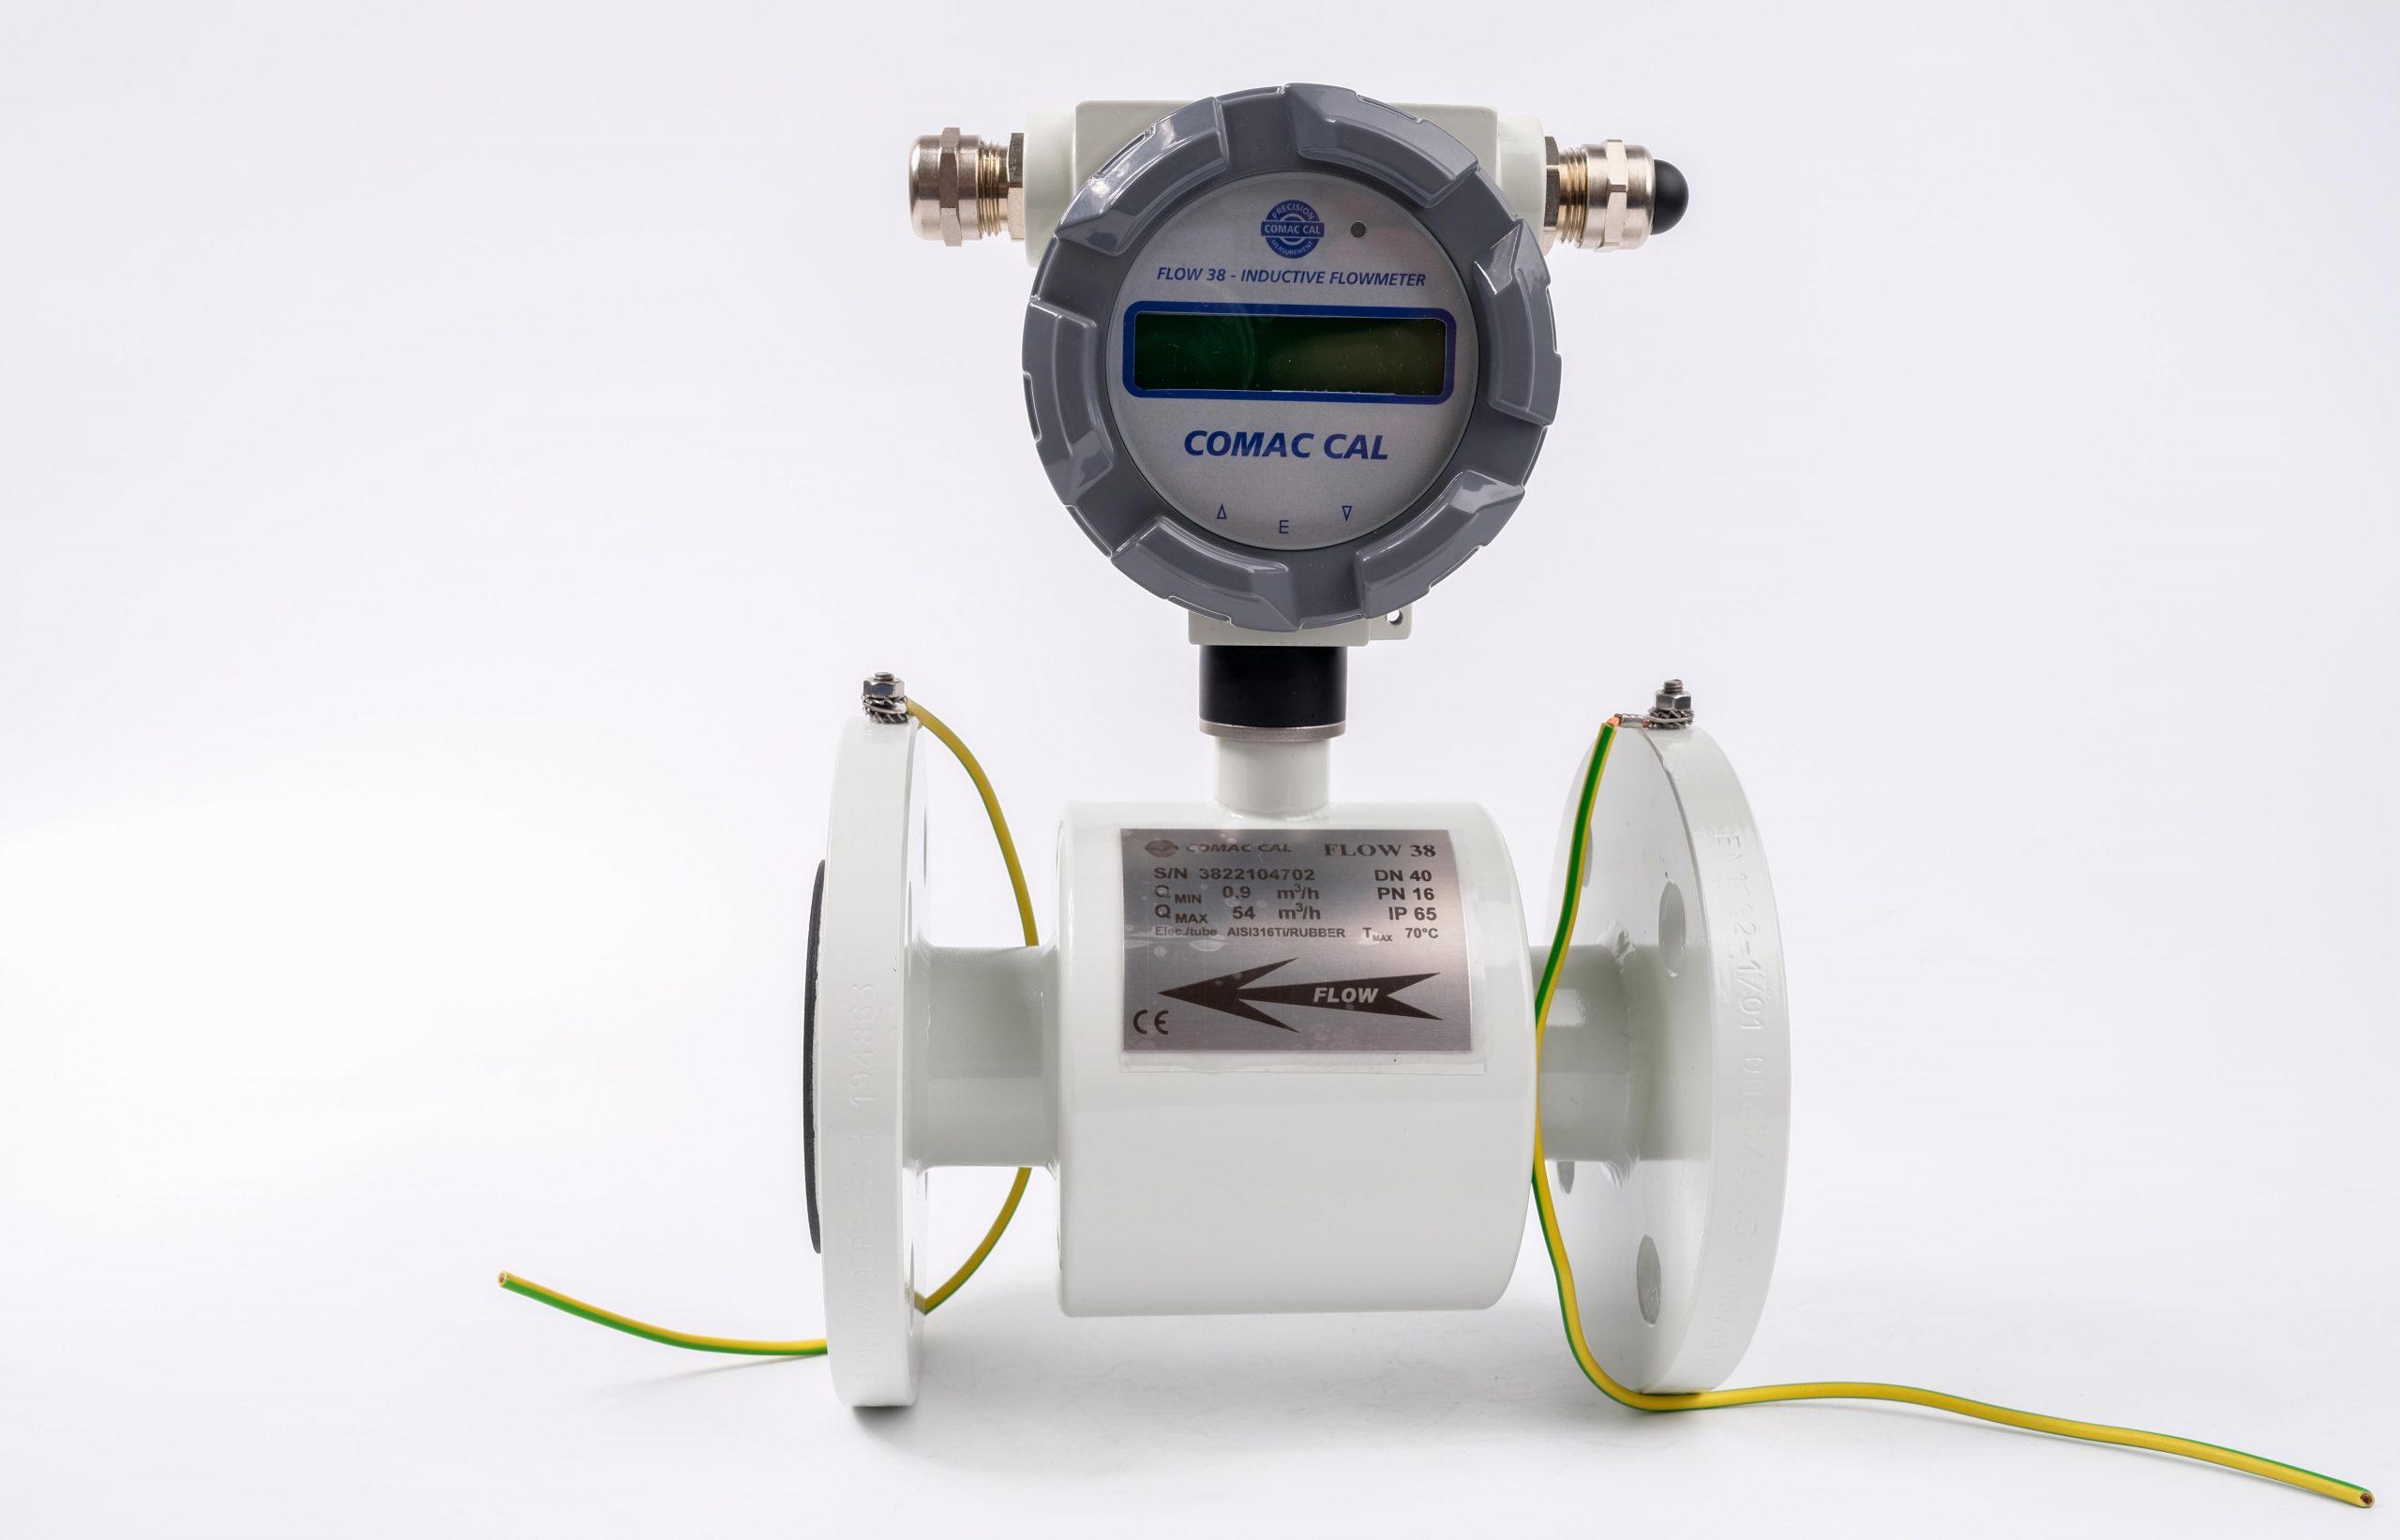 Đồng hồ đo lưu lượng Flow38